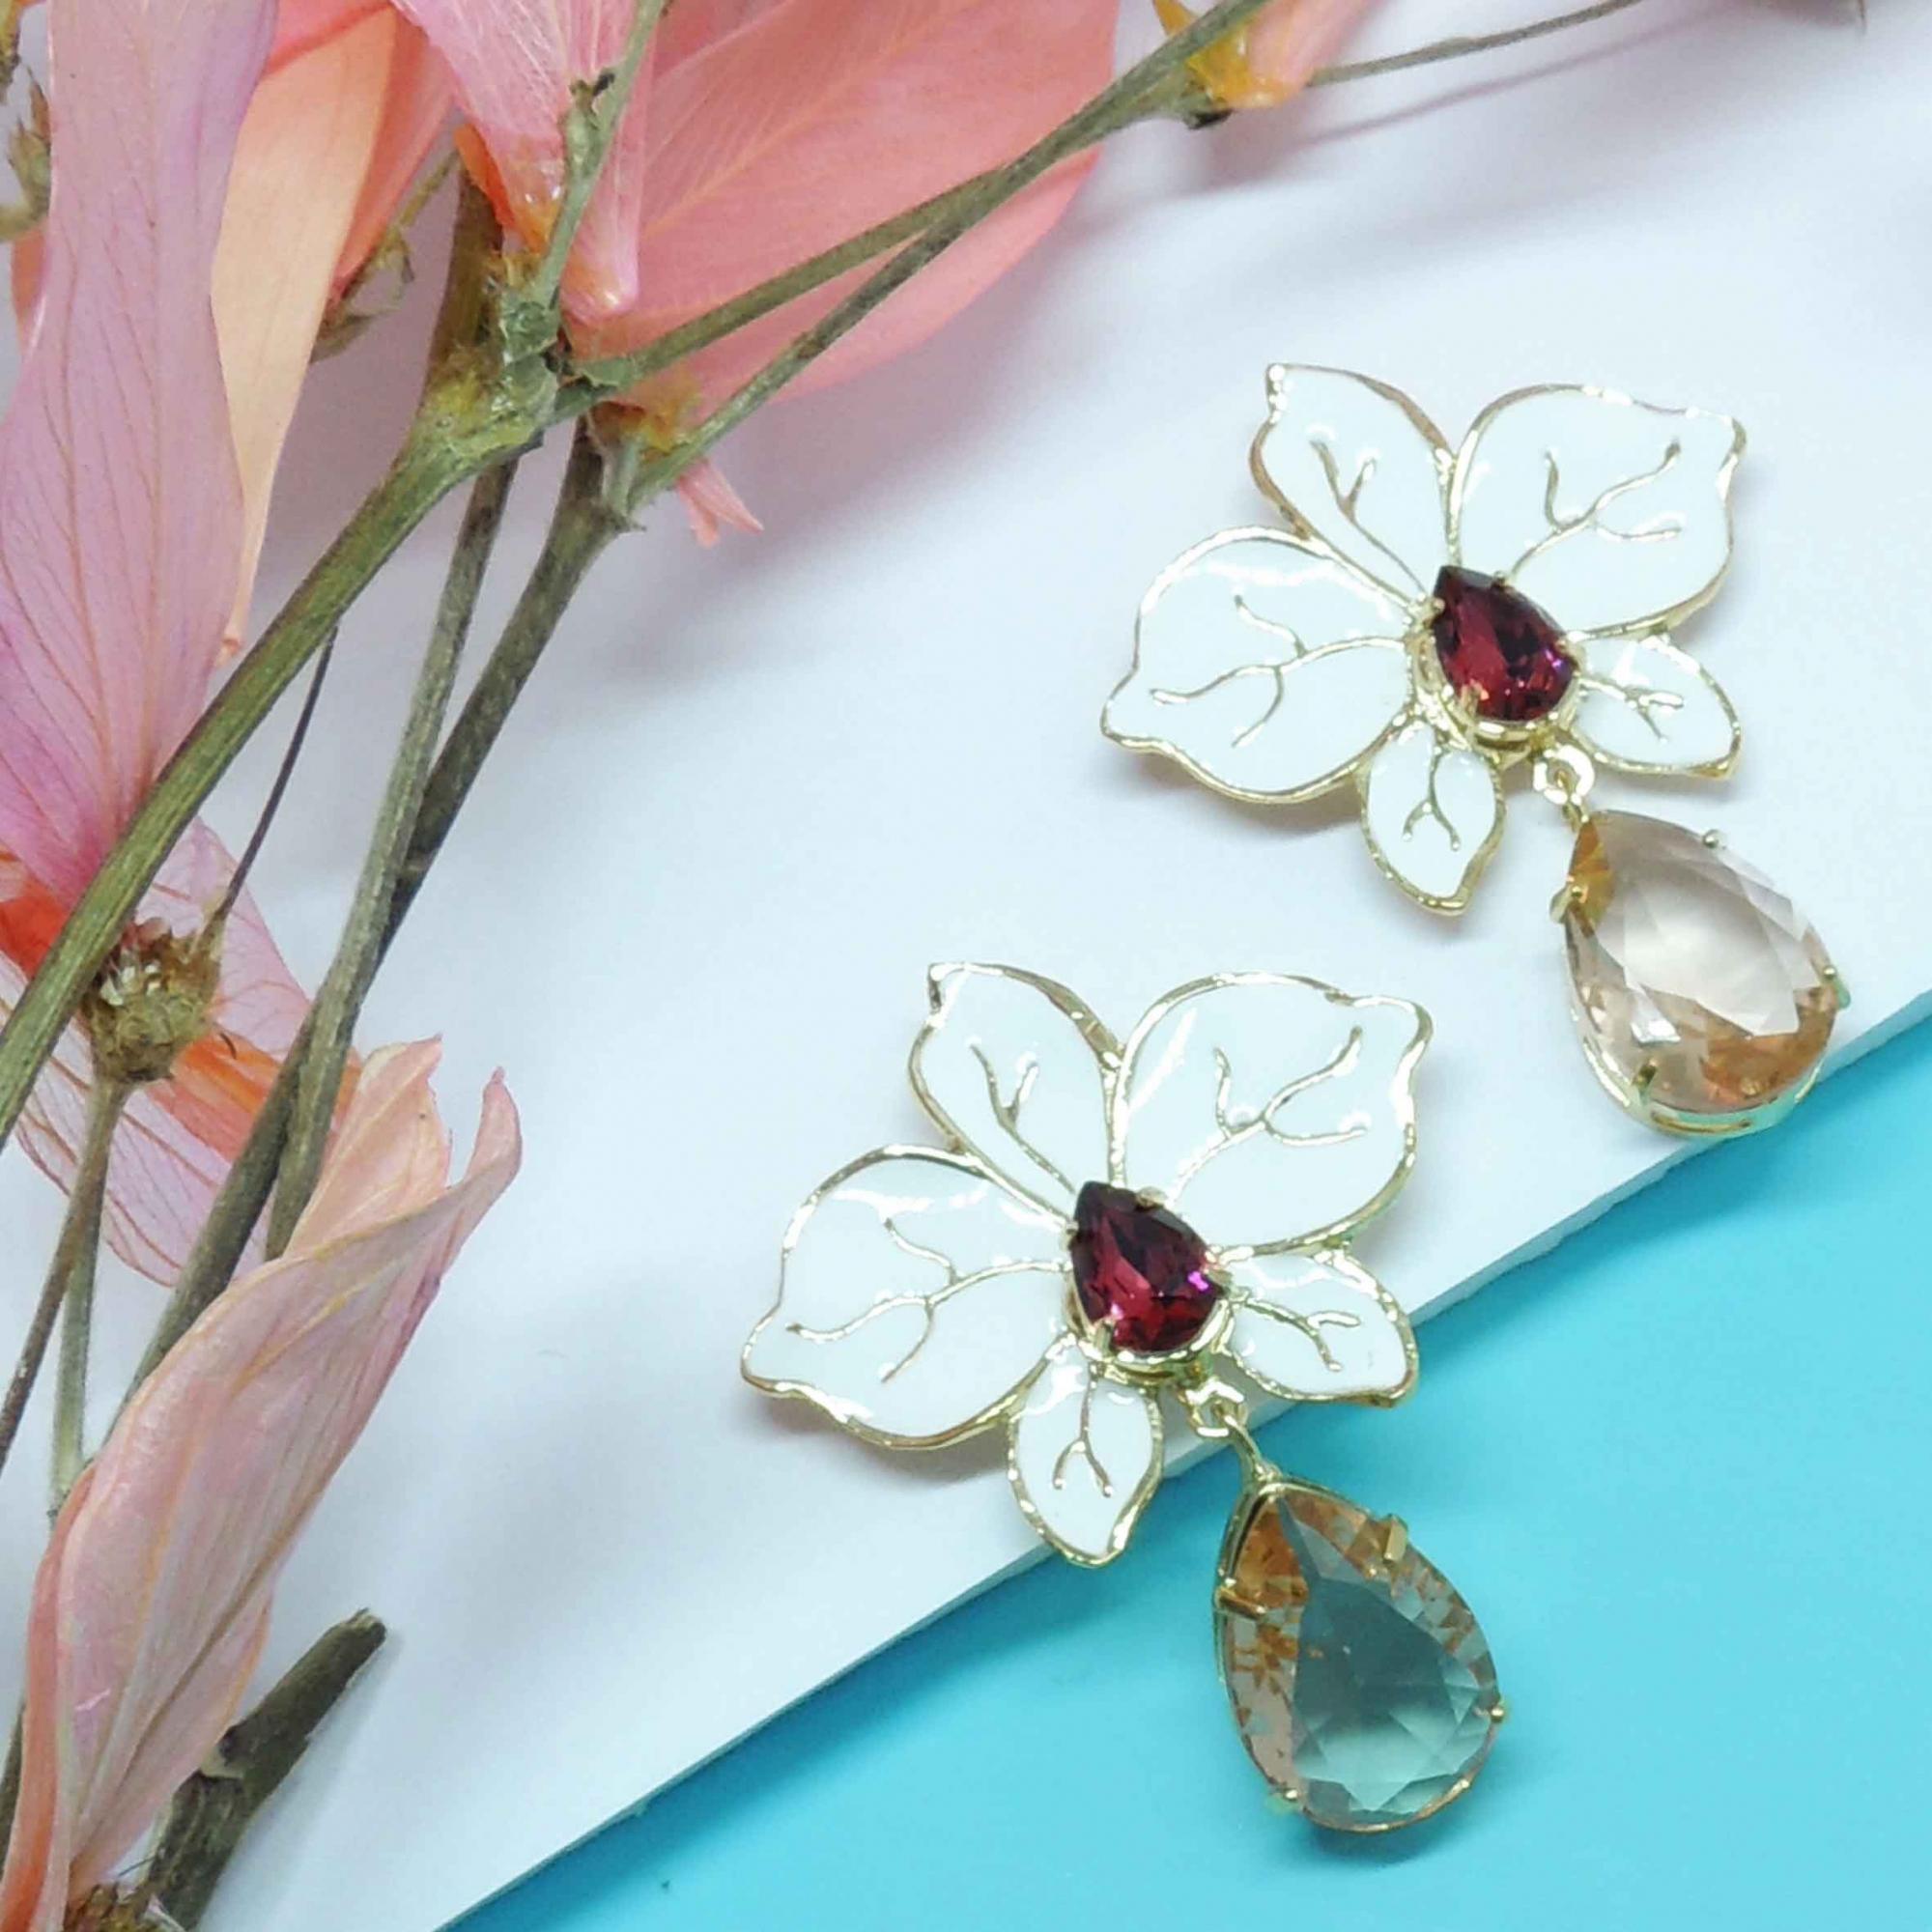 Brinco feminino em formato de orquídea branca com pedras rosa, família botânica